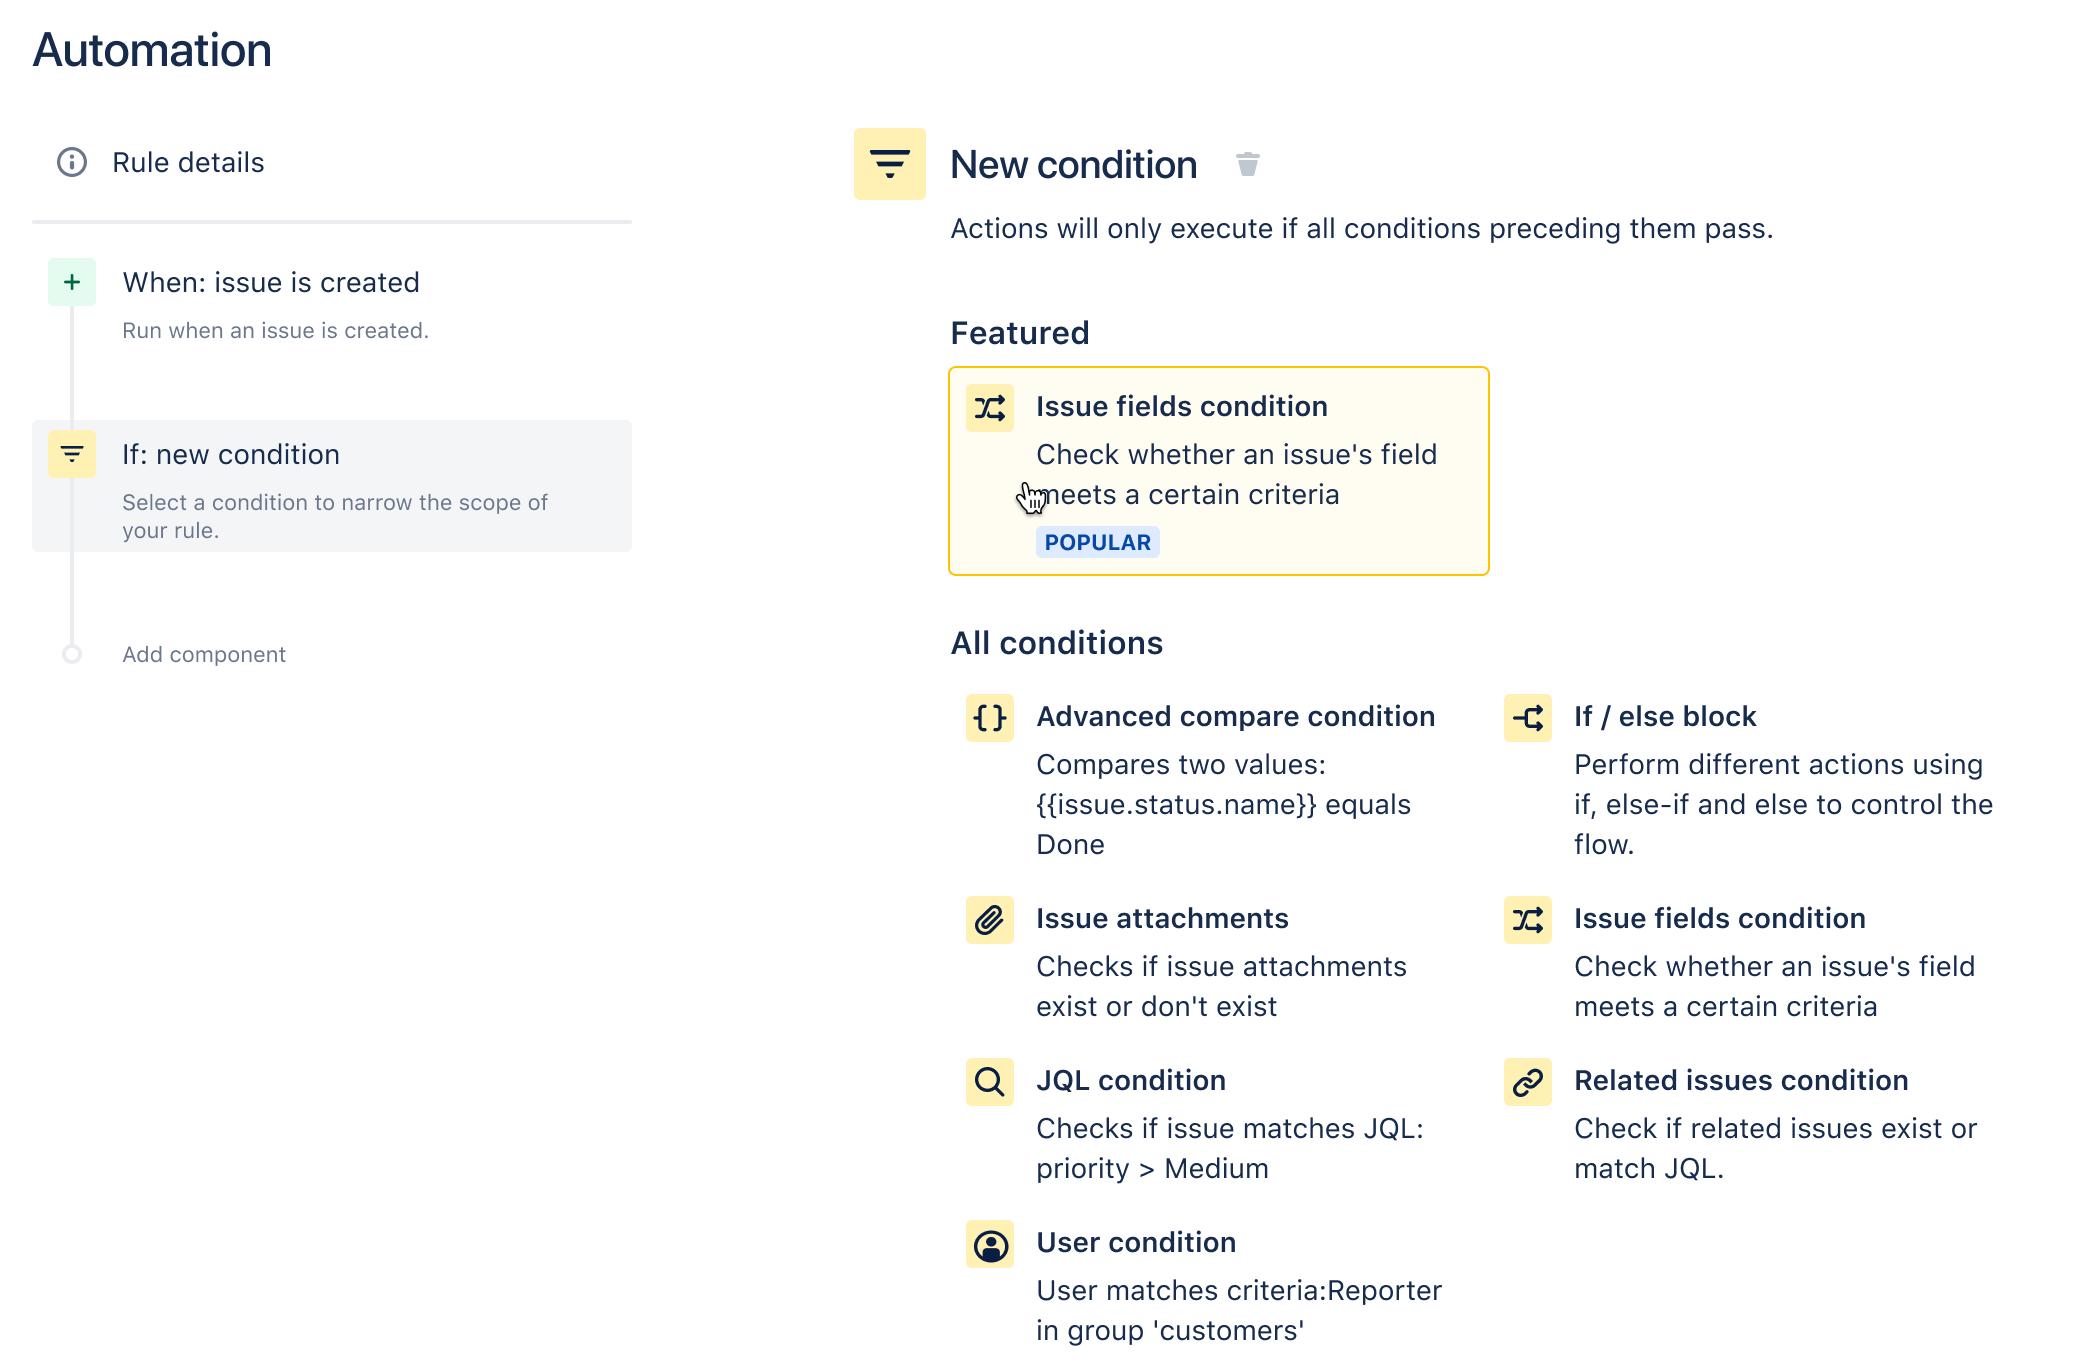 L'elenco delle condizioni disponibili durante la creazione di una regola.